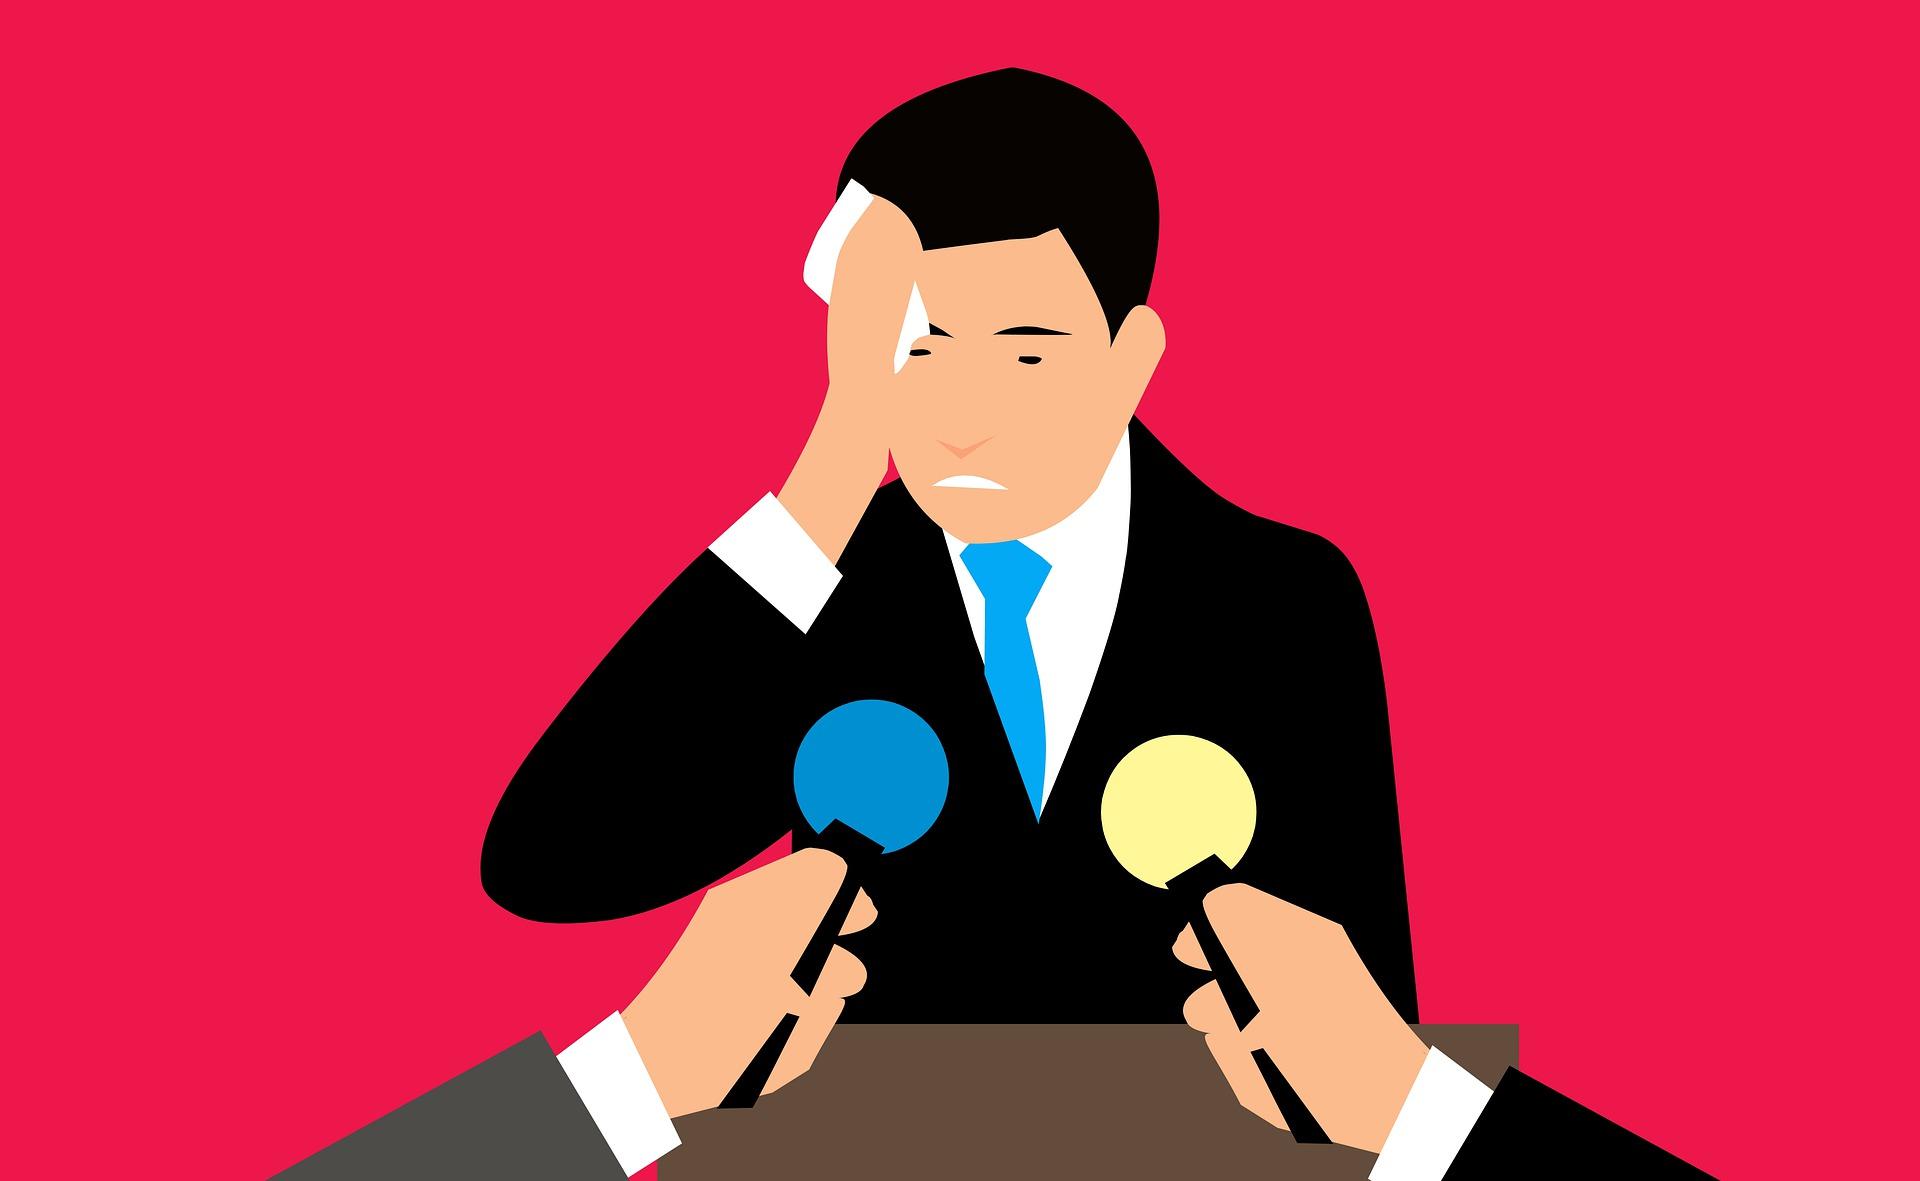 Die Angst vor Menschen zu sprechen - was ich mit der Stimme tun kann